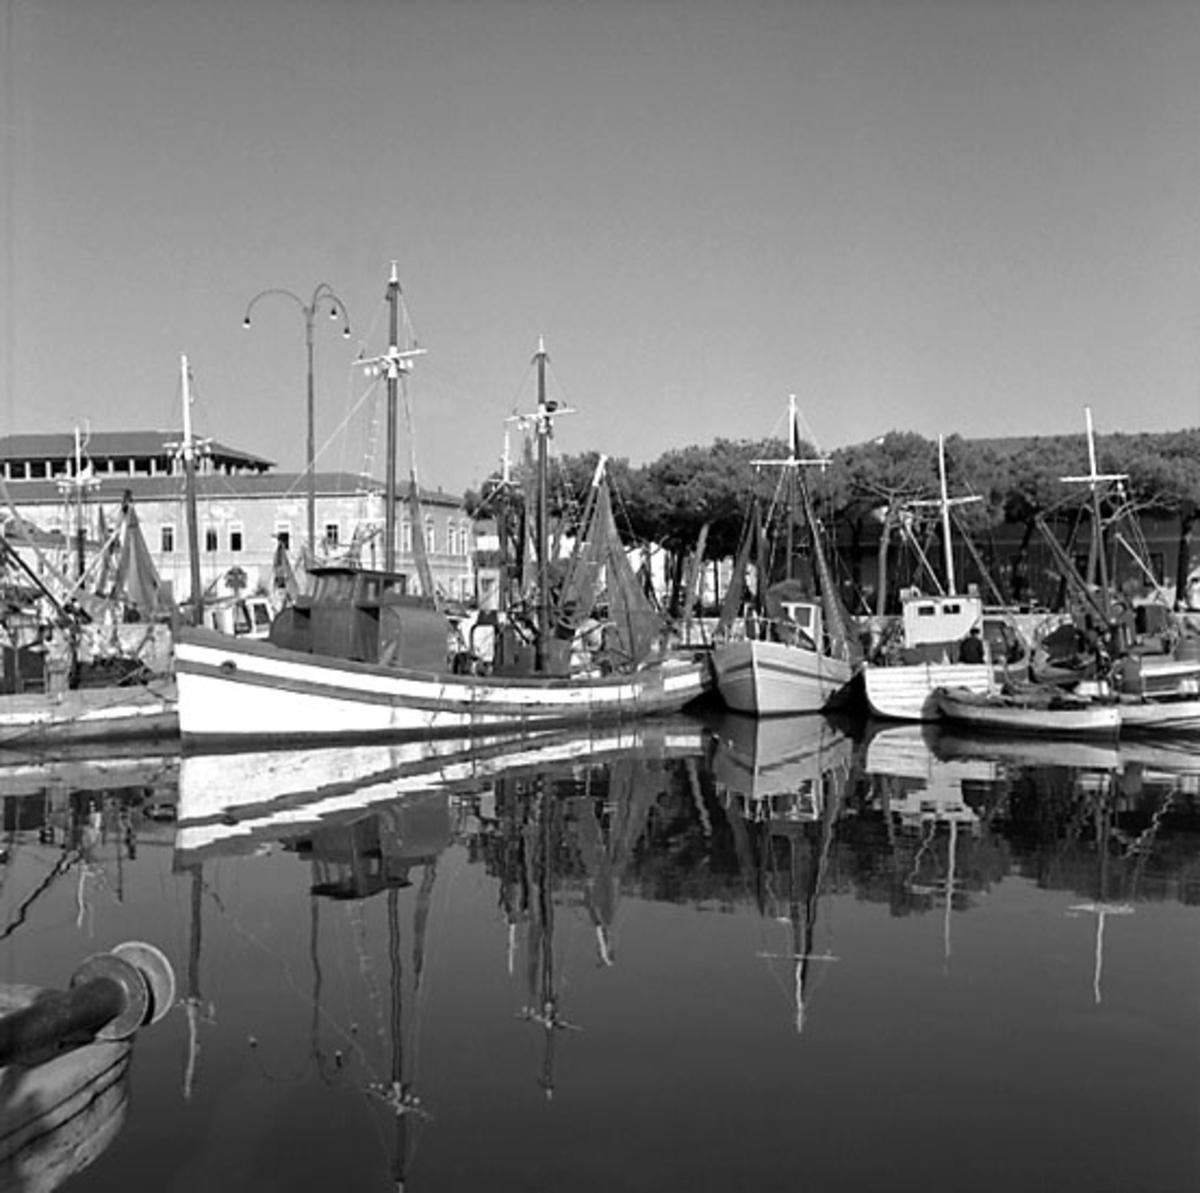 22. Italien. Fotojournal finns på B.M.A. + fotoalbum. Samtidigt förvärv: Böcker och arkivmaterial. Foton tagna mellan 1959-11-02 och 1959-11-04.  12 Bilder i serie.